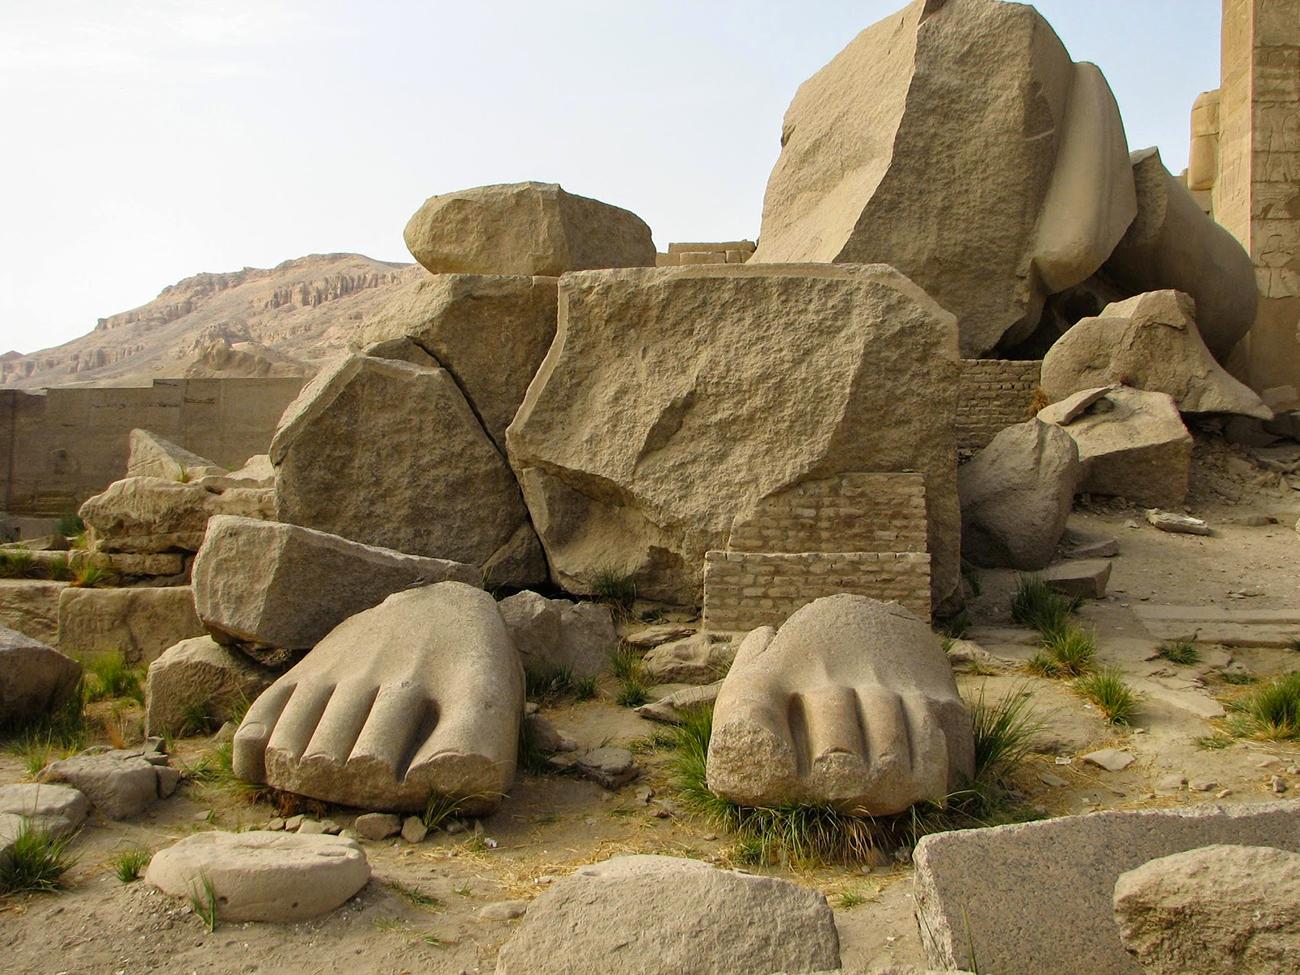 resti-di-statua-gigantesca-a-ramesseum